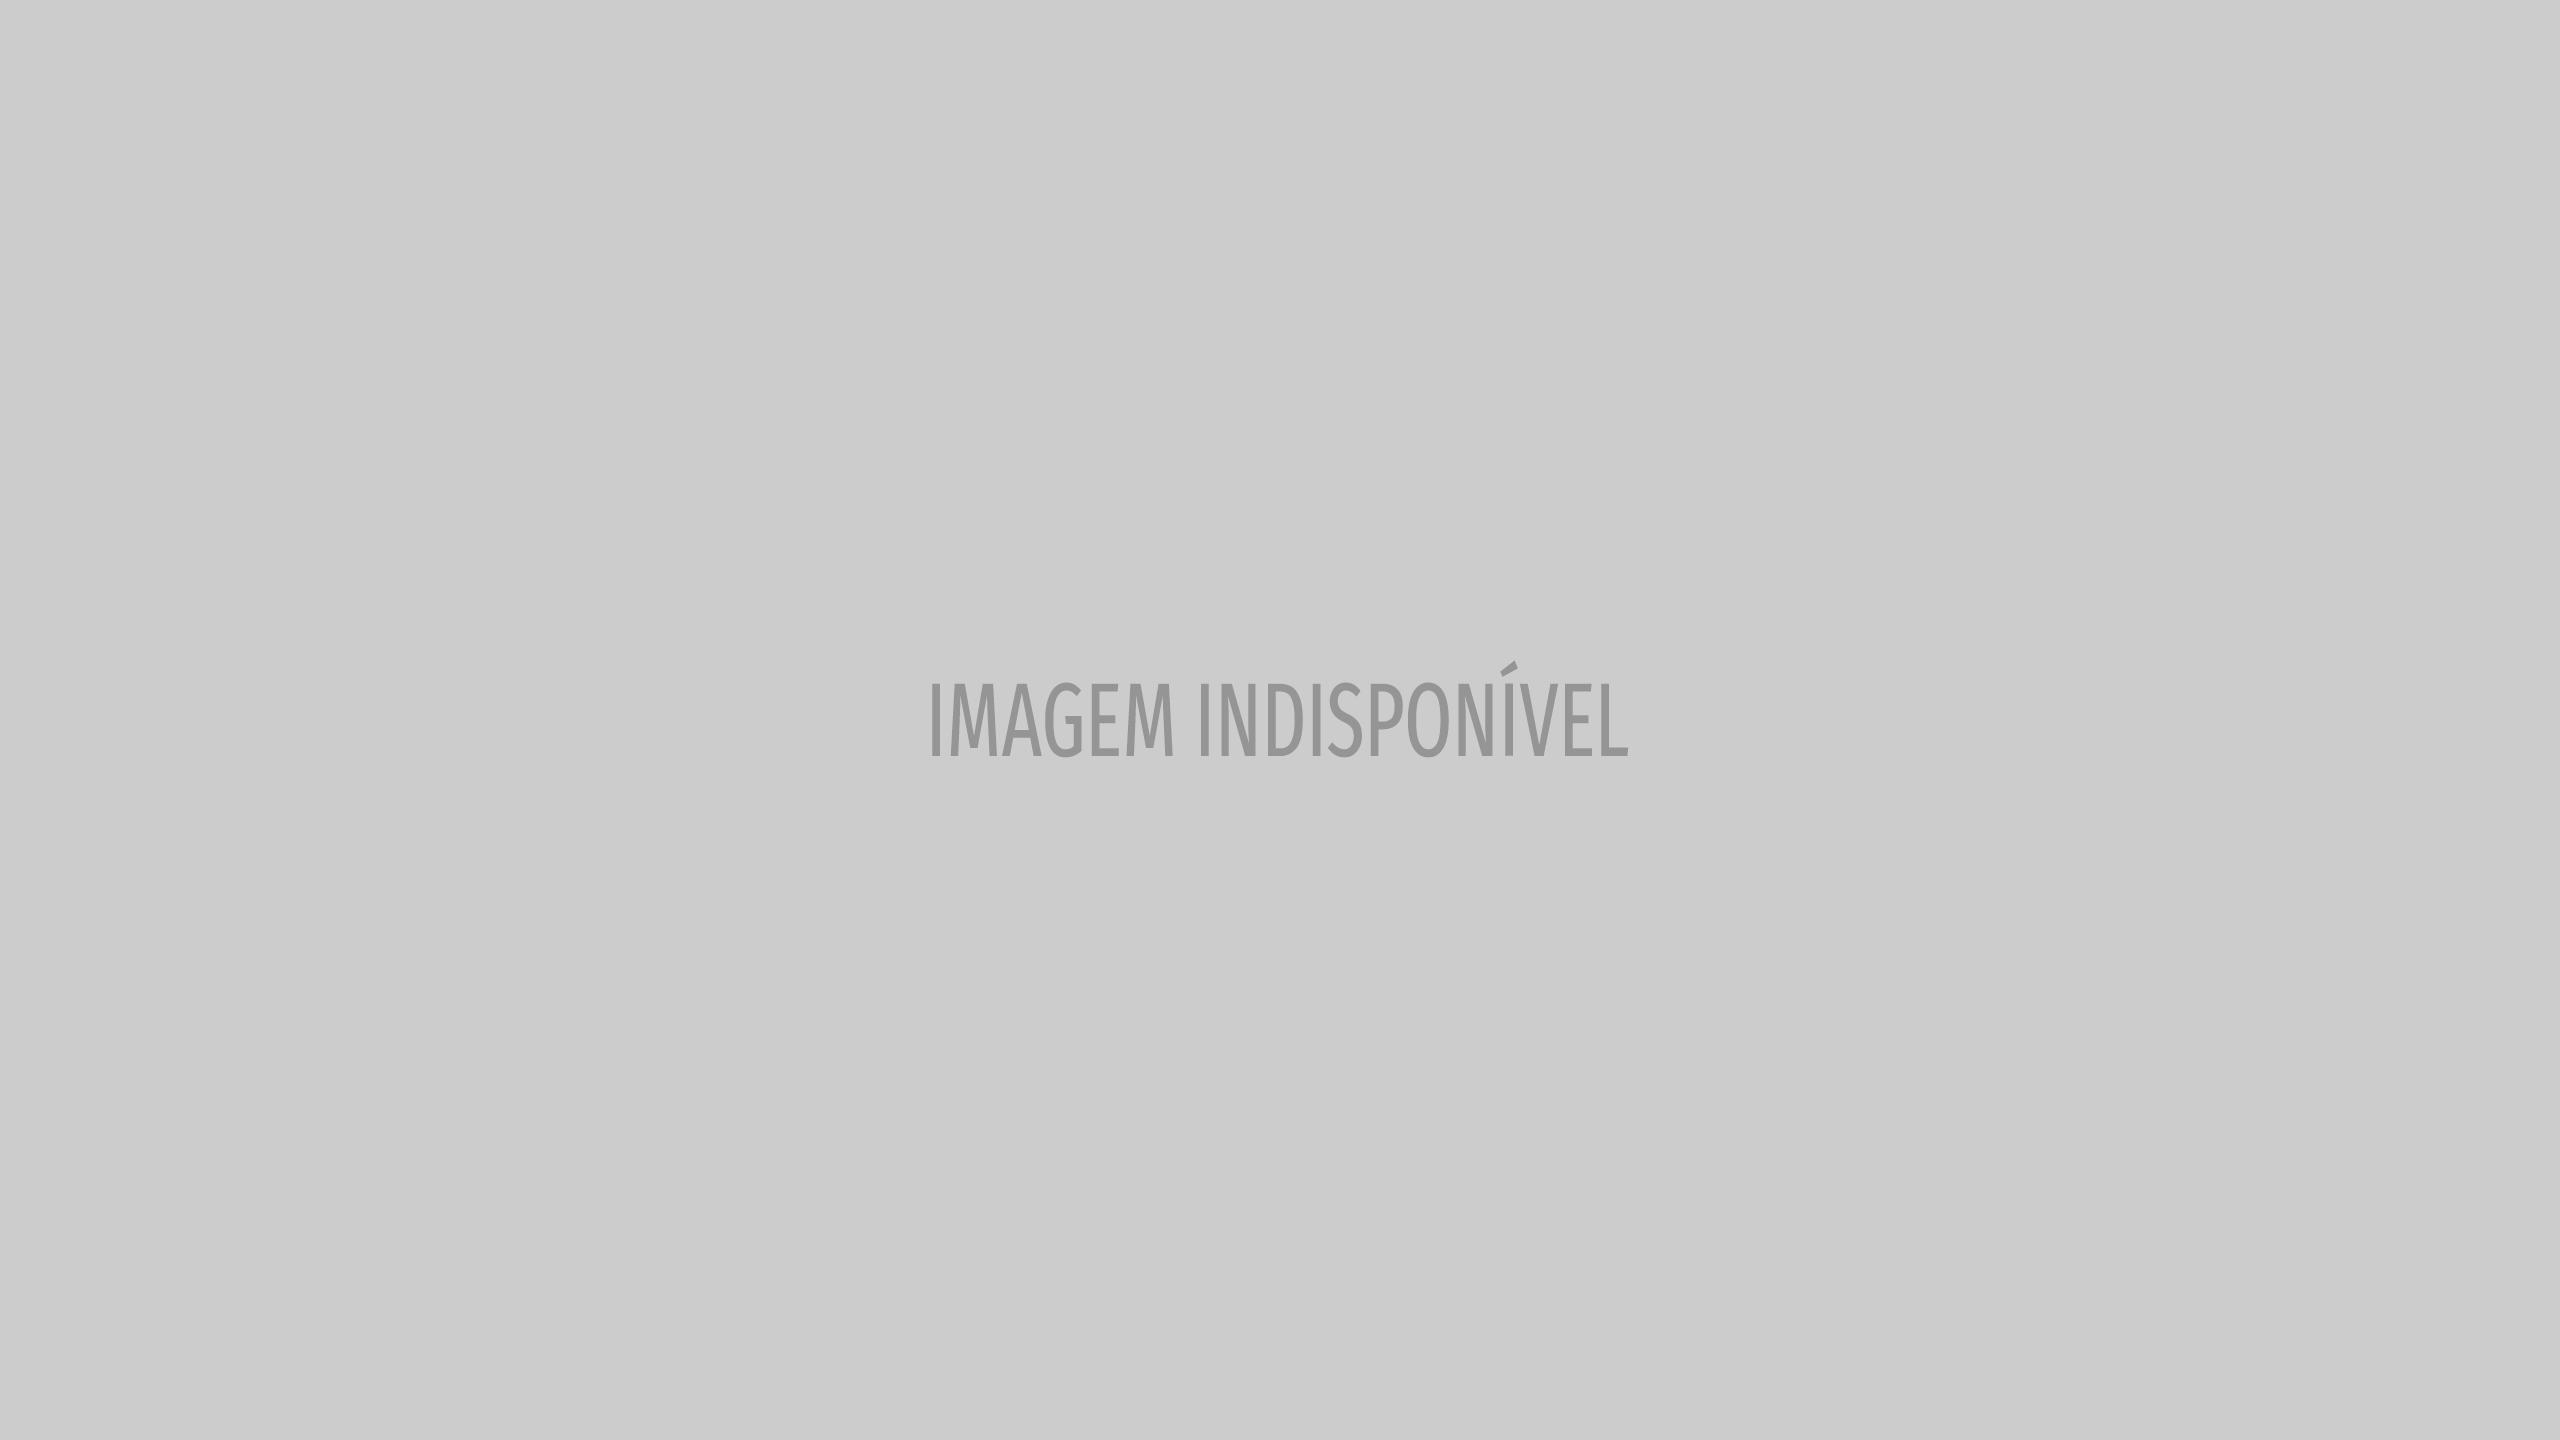 Dos quadrinhos para a TV: os personagens de 'The Walking Dead' -